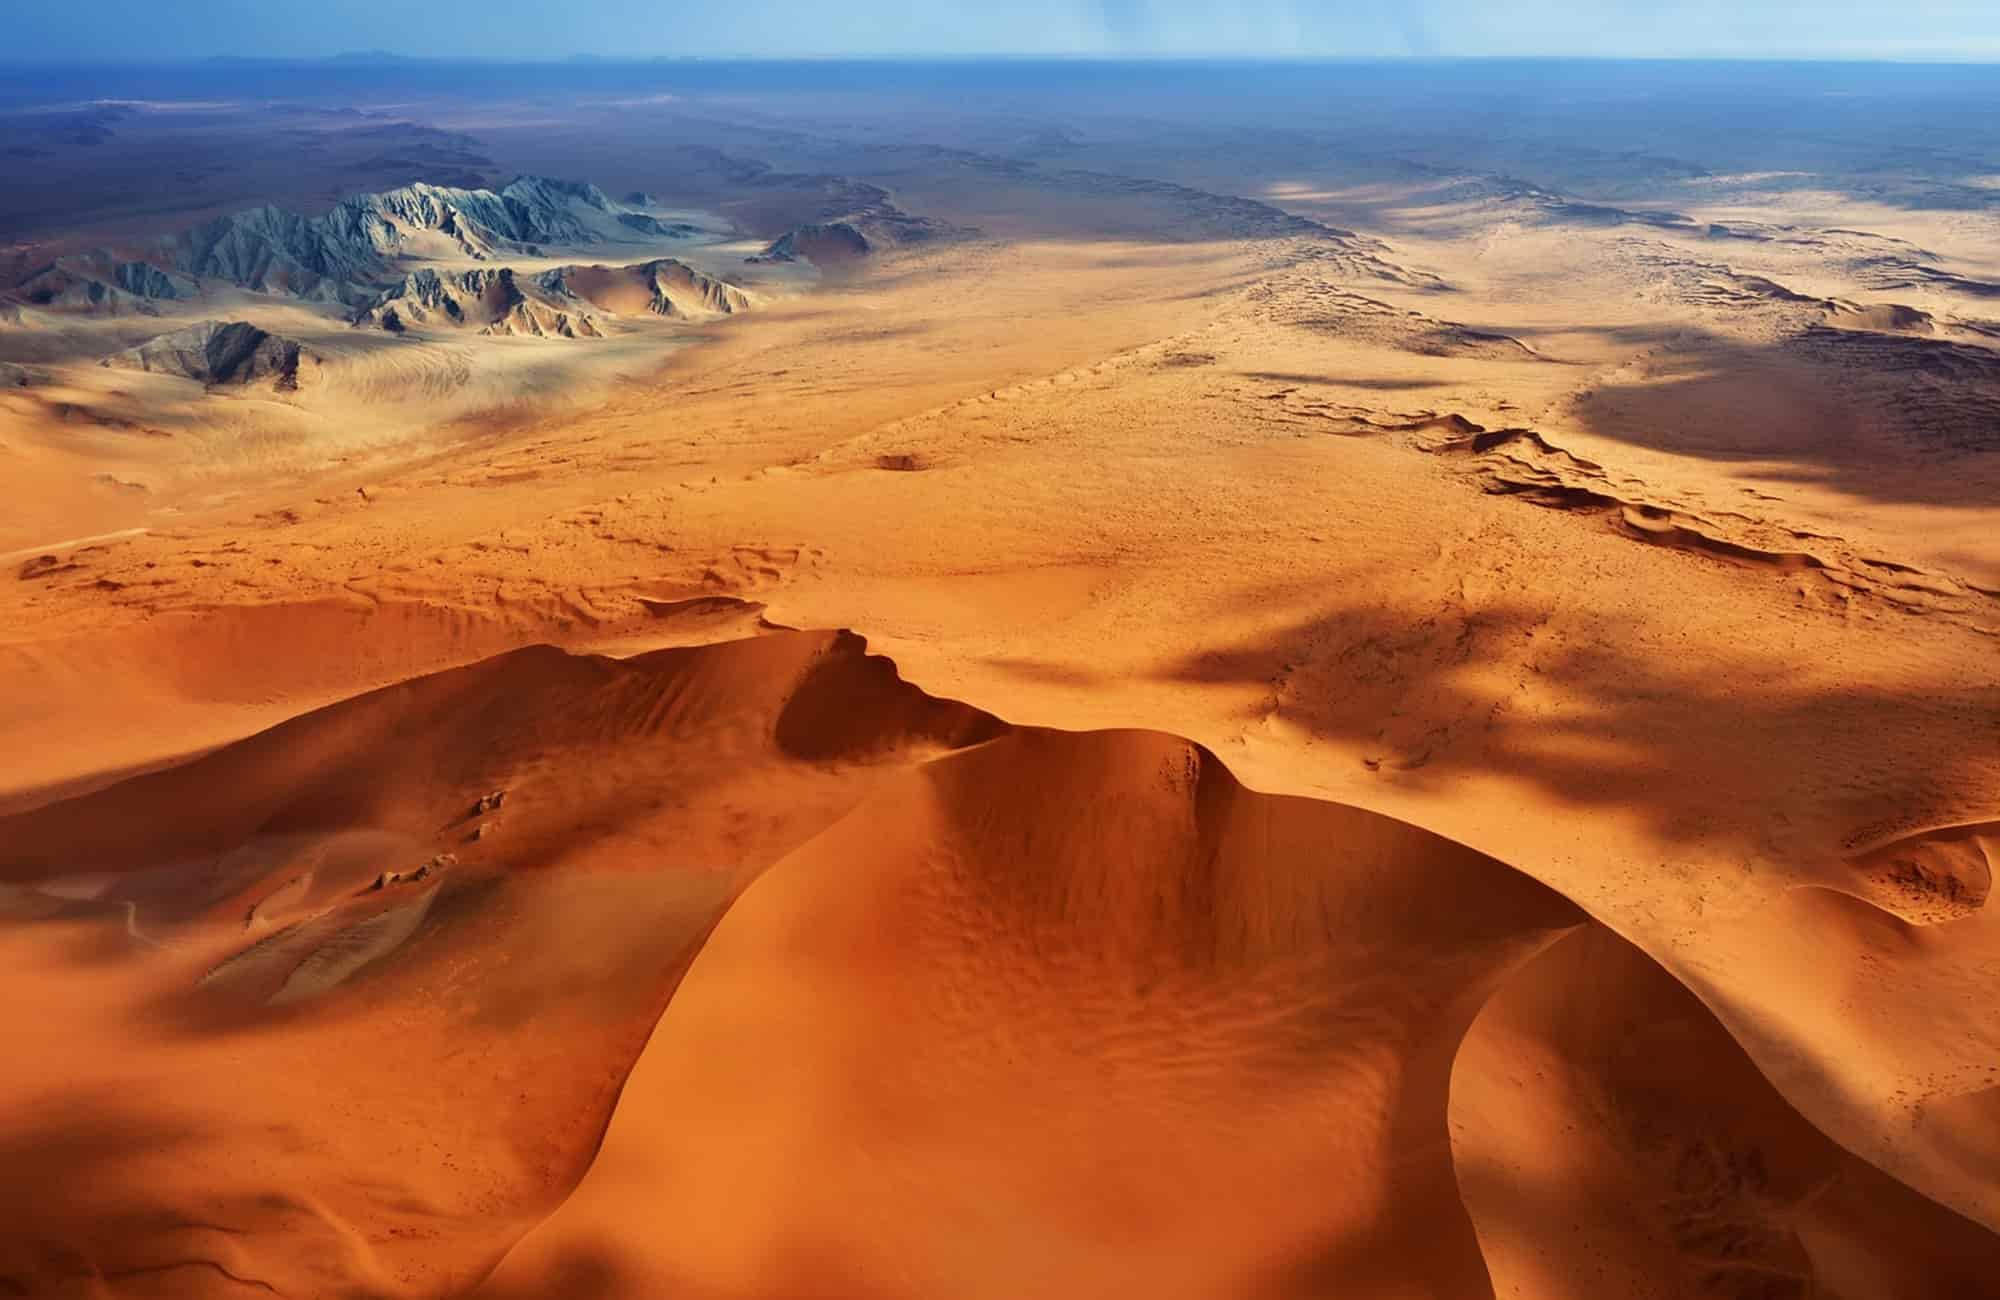 Voyage en Namibie - Le désert du Namib - Amplitudes